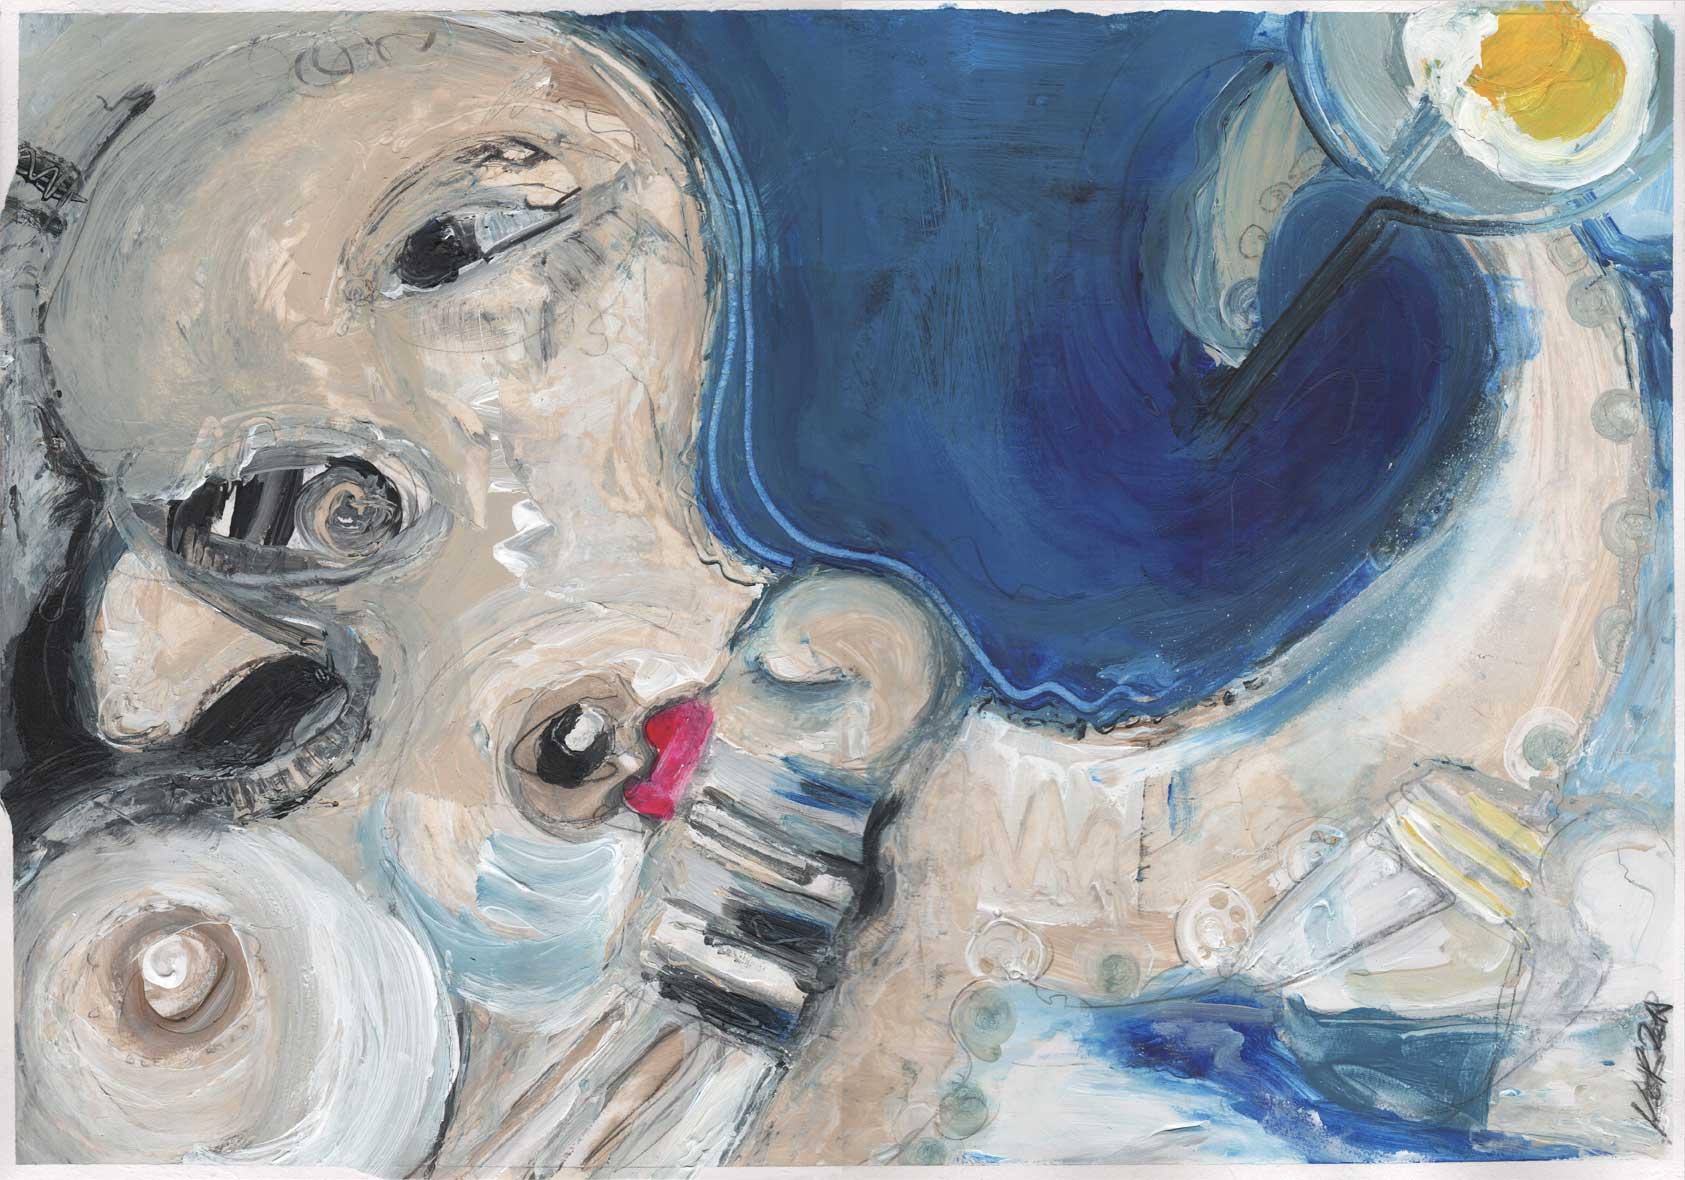 OKTOPUSSY I BREASTFEEDING TINTENFISCH MUM MIT IMMER SCHÖNER FRISUR (UT & WORKING TITLE) KIM OKURA 2018